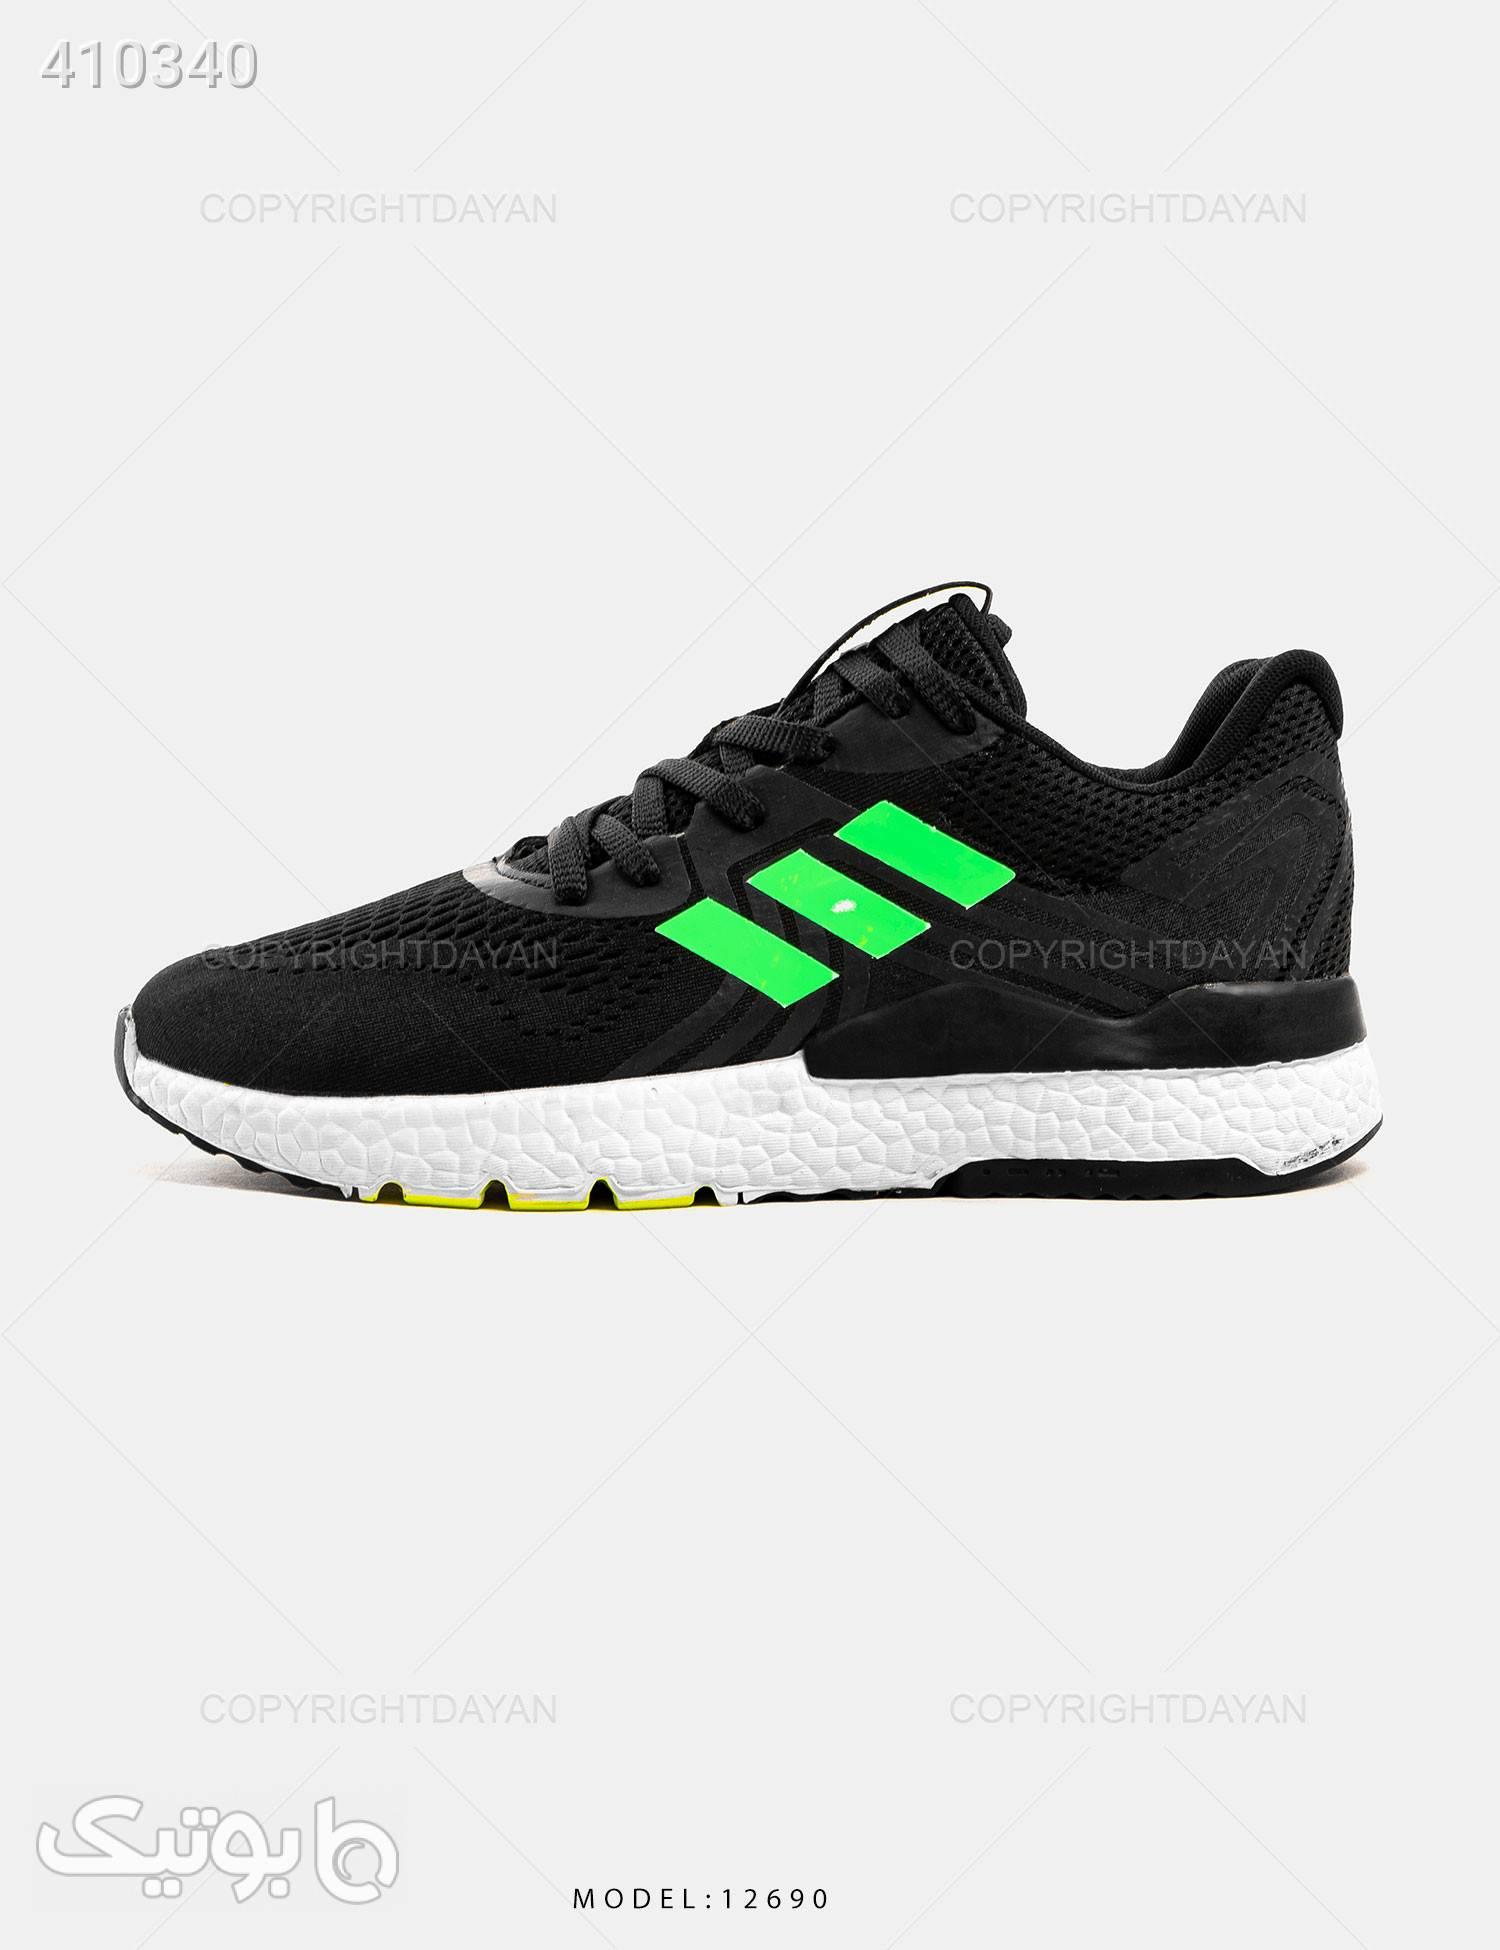 کفش  Adidas مدل 12690 سبز كتانی مردانه